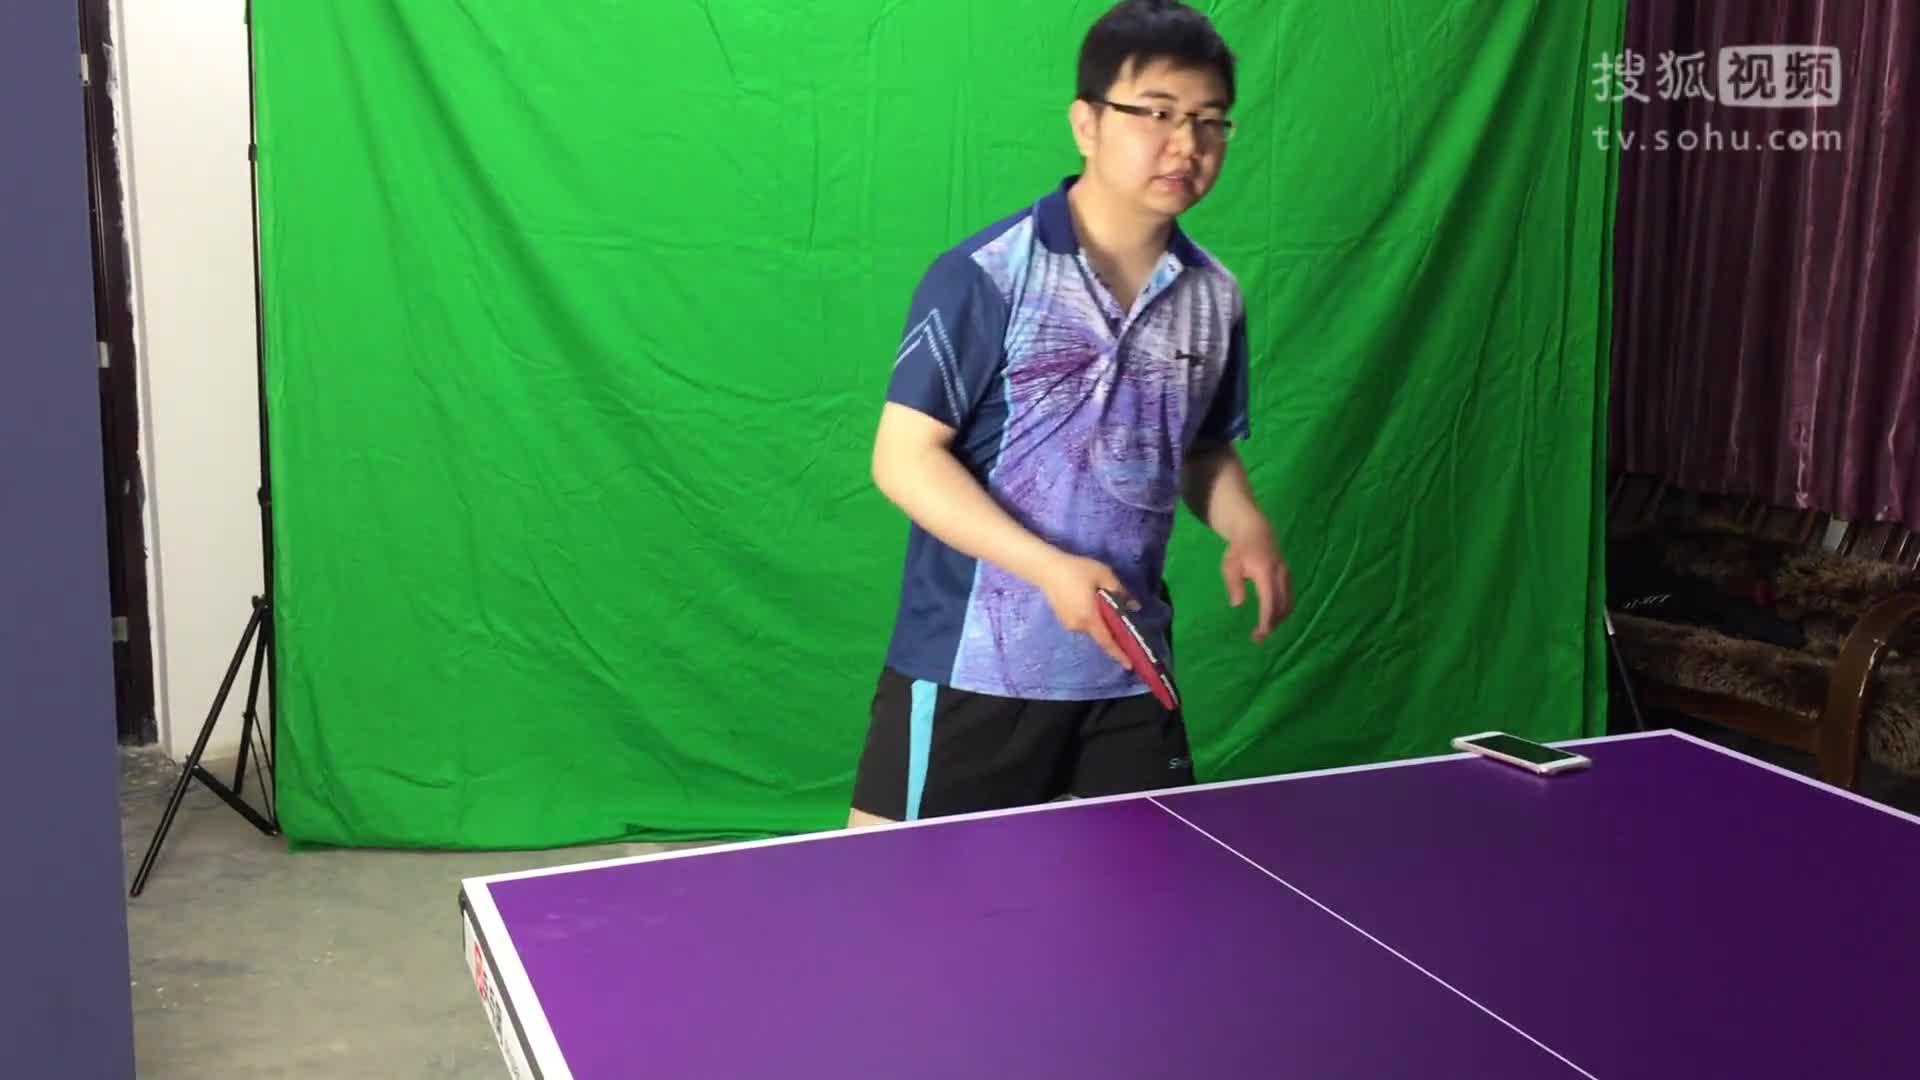 《乒乓网私人教练》手腕的鞭打式发力,先学会甩皮鞭!